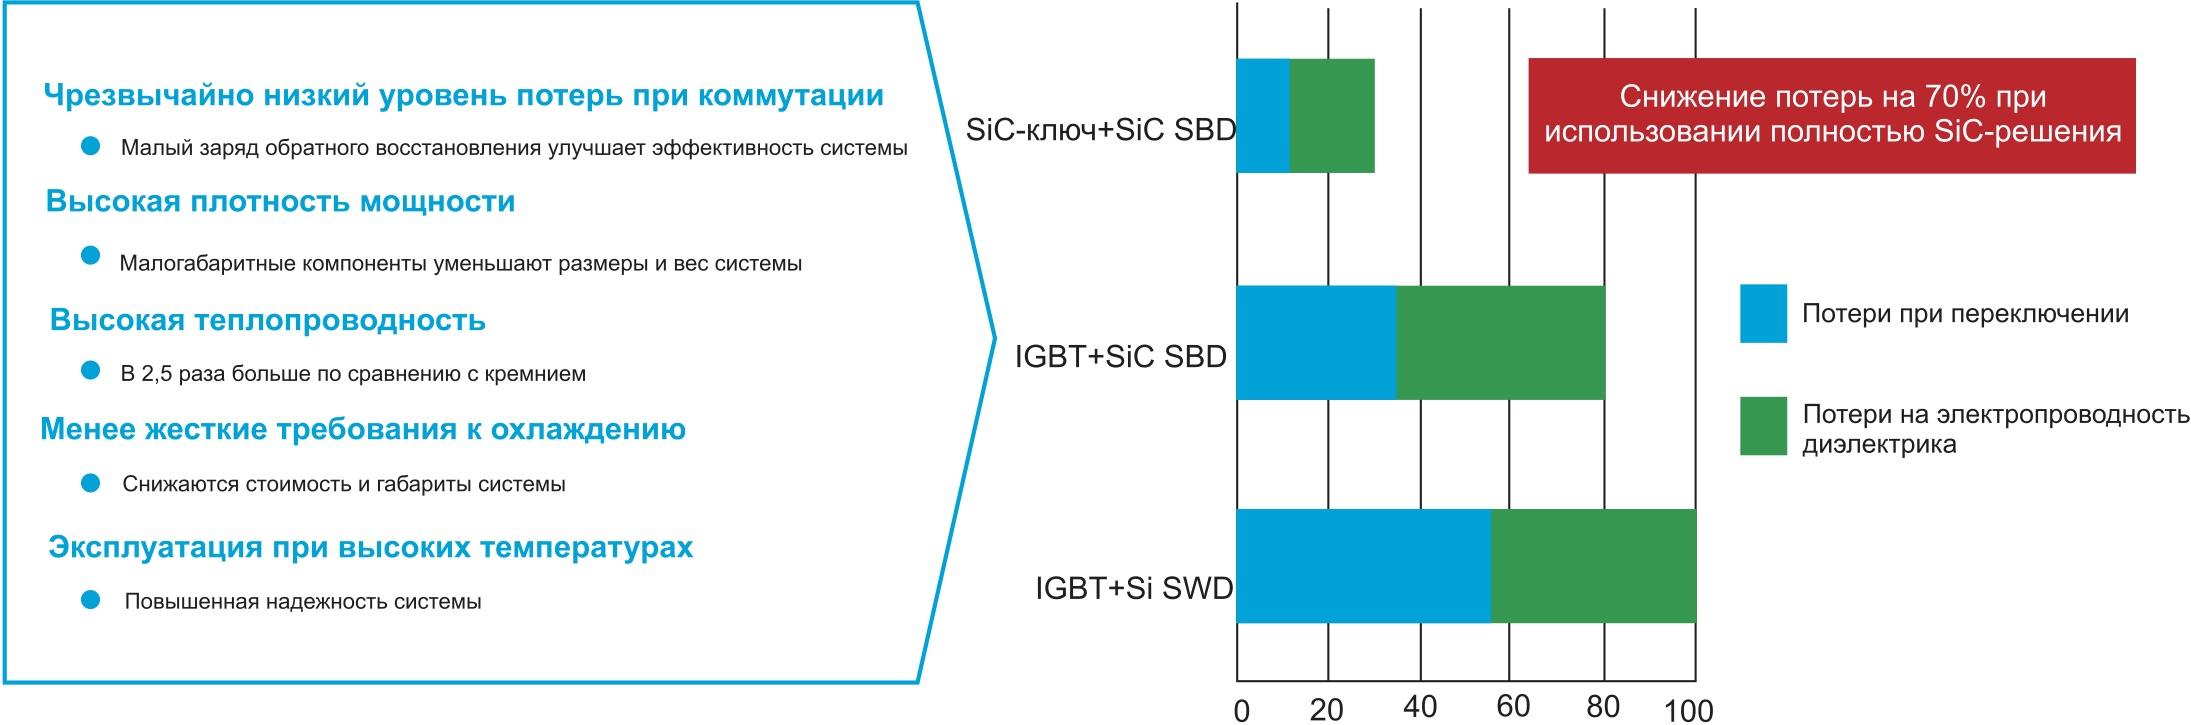 Ключевые преимущества приборов на основе SiC